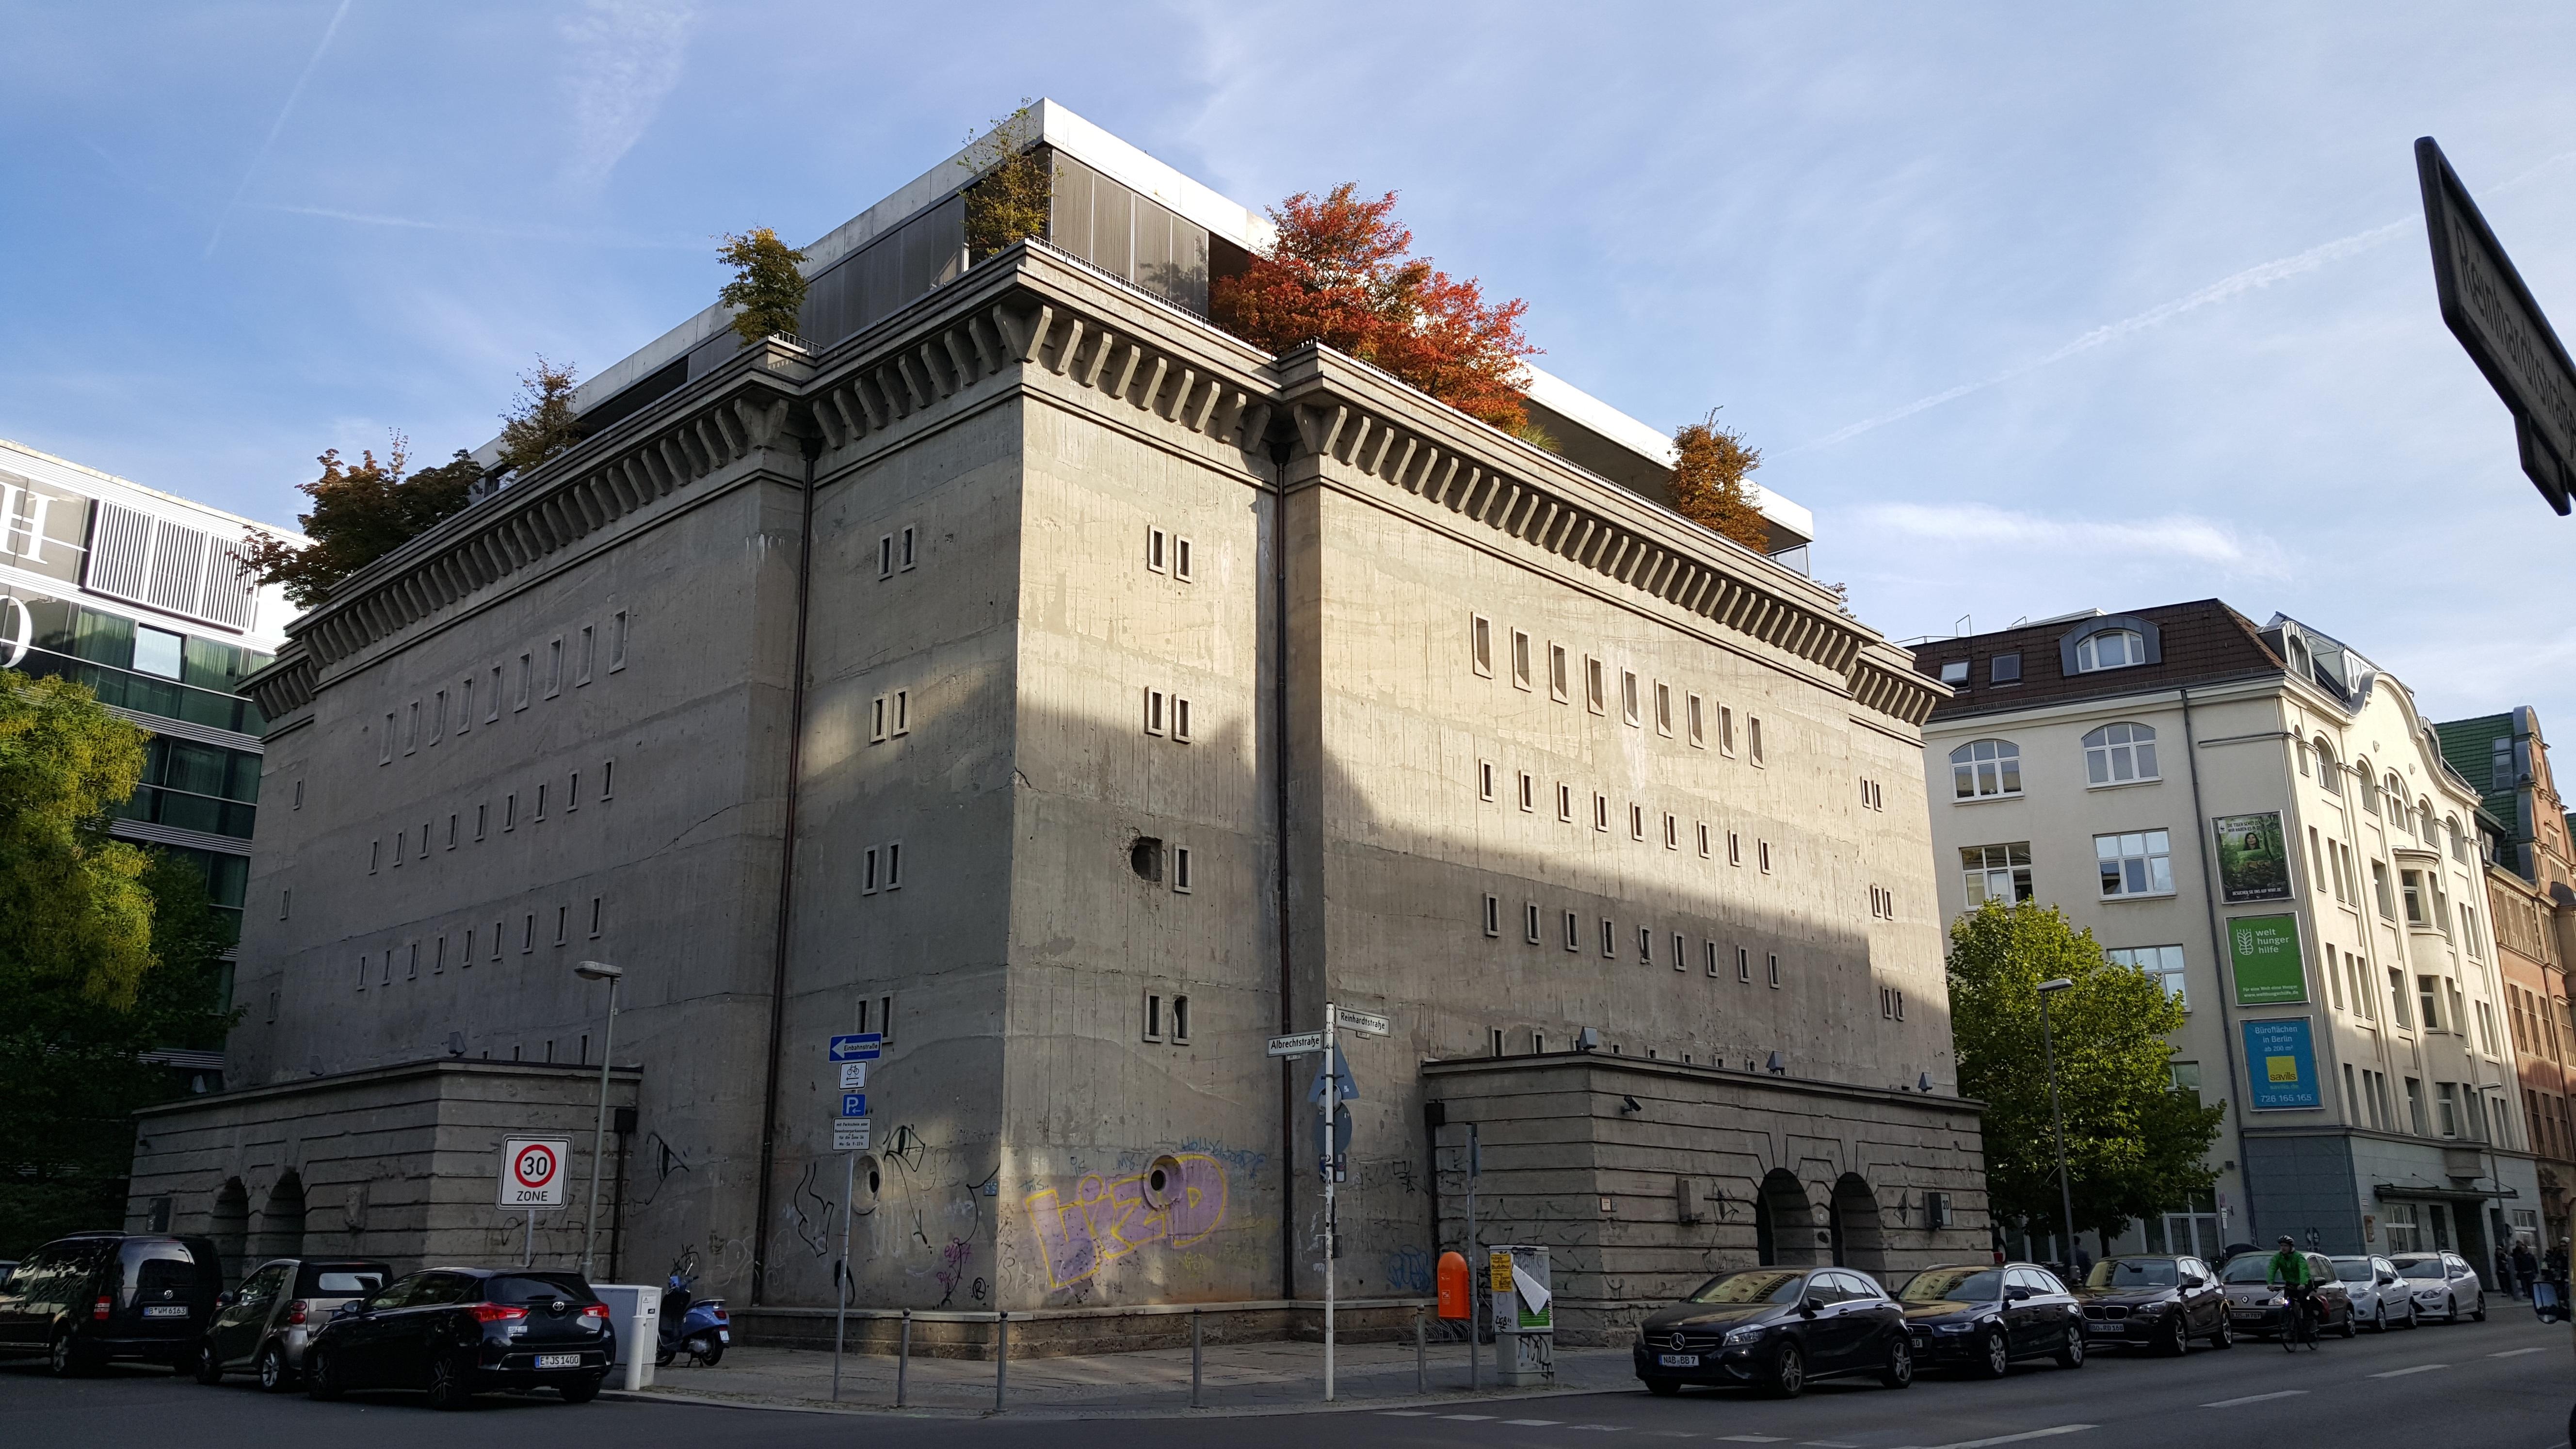 Kunstbunker berlijn   pom magazine